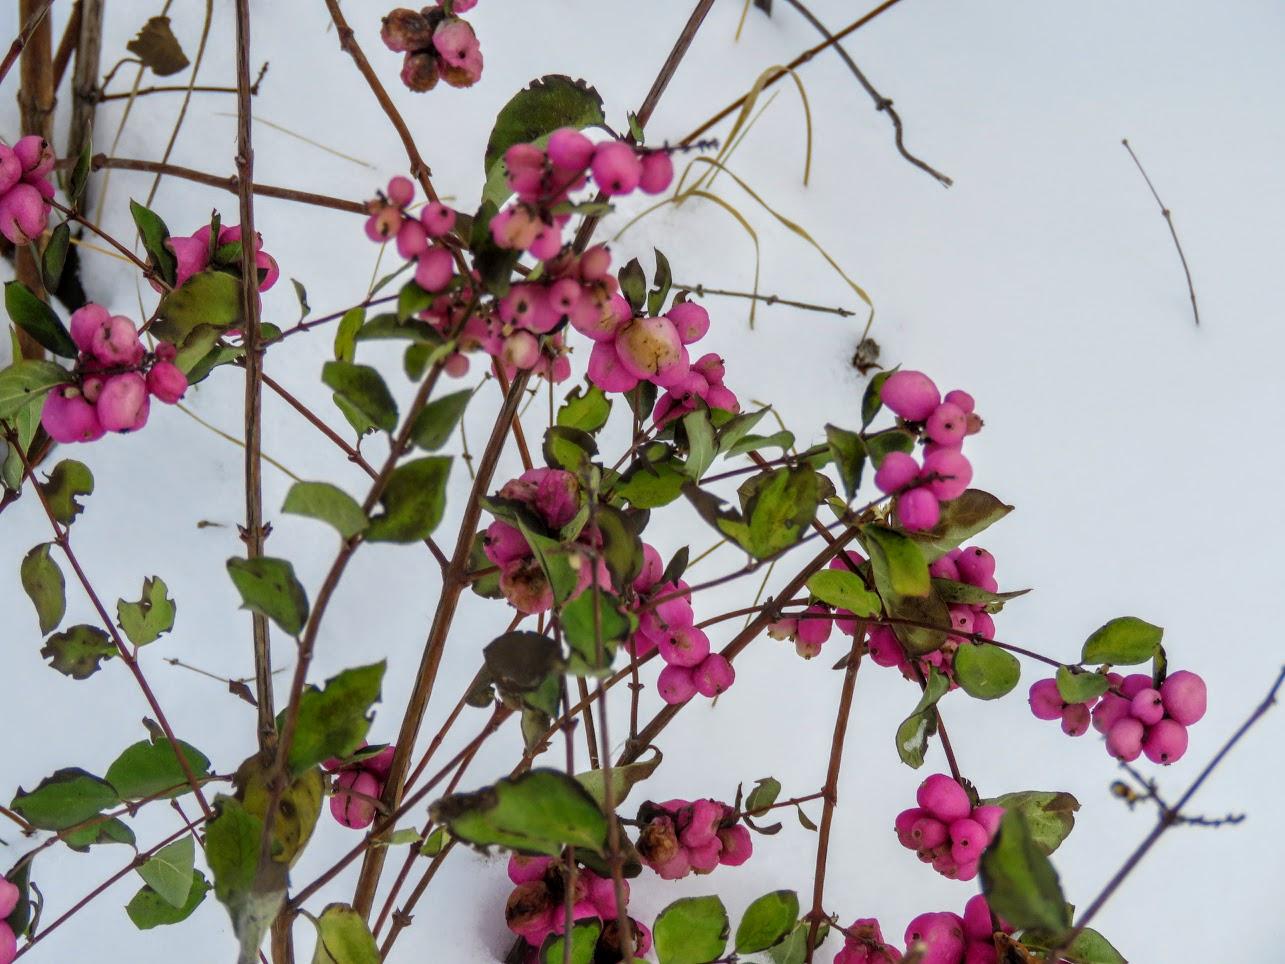 Розовый снежноягодник, снегири и другие прелести дня. Мой Мурыч с утра) IMG 2534